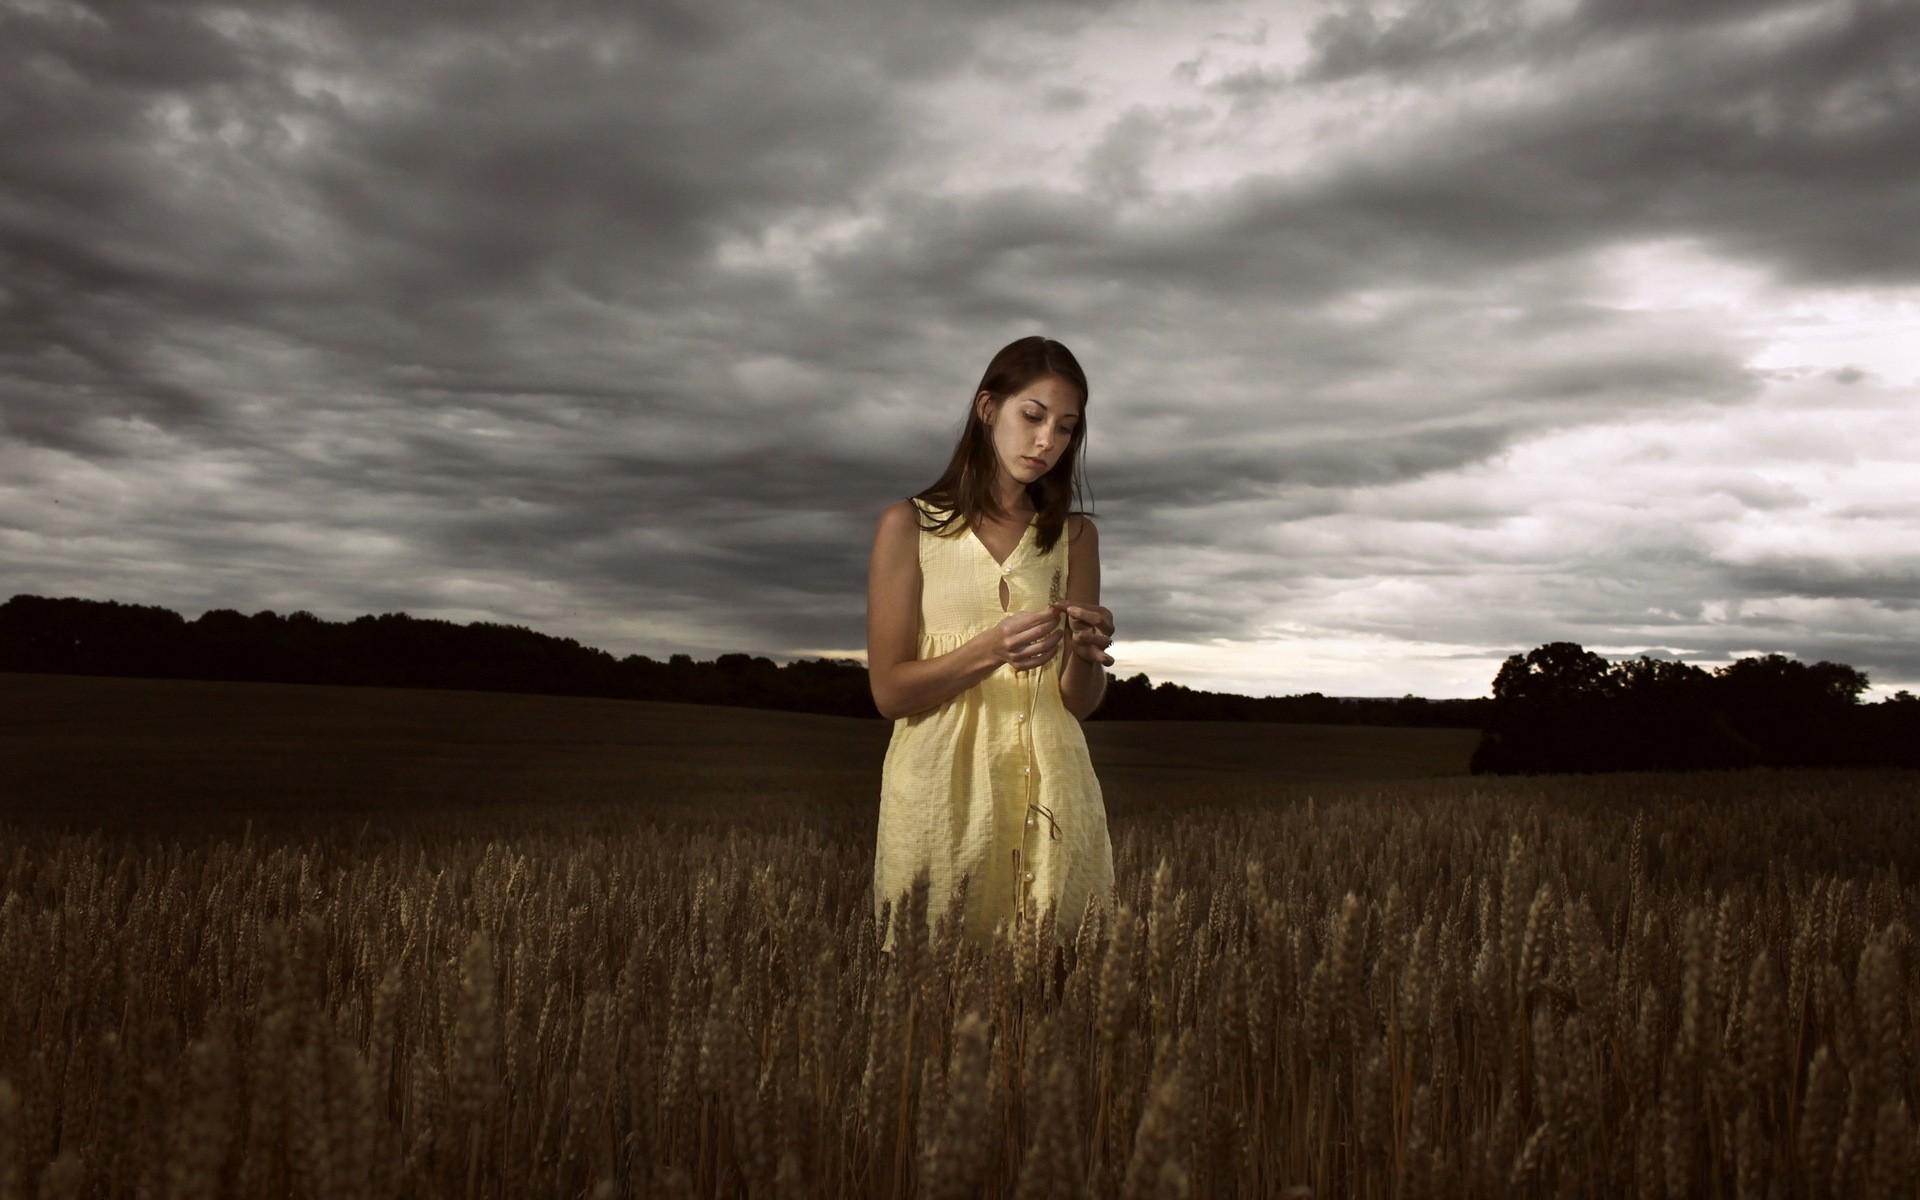 Фото девушка в паутине, Фото: Девушка, которая застряла в паутине Кадр из 1 фотография